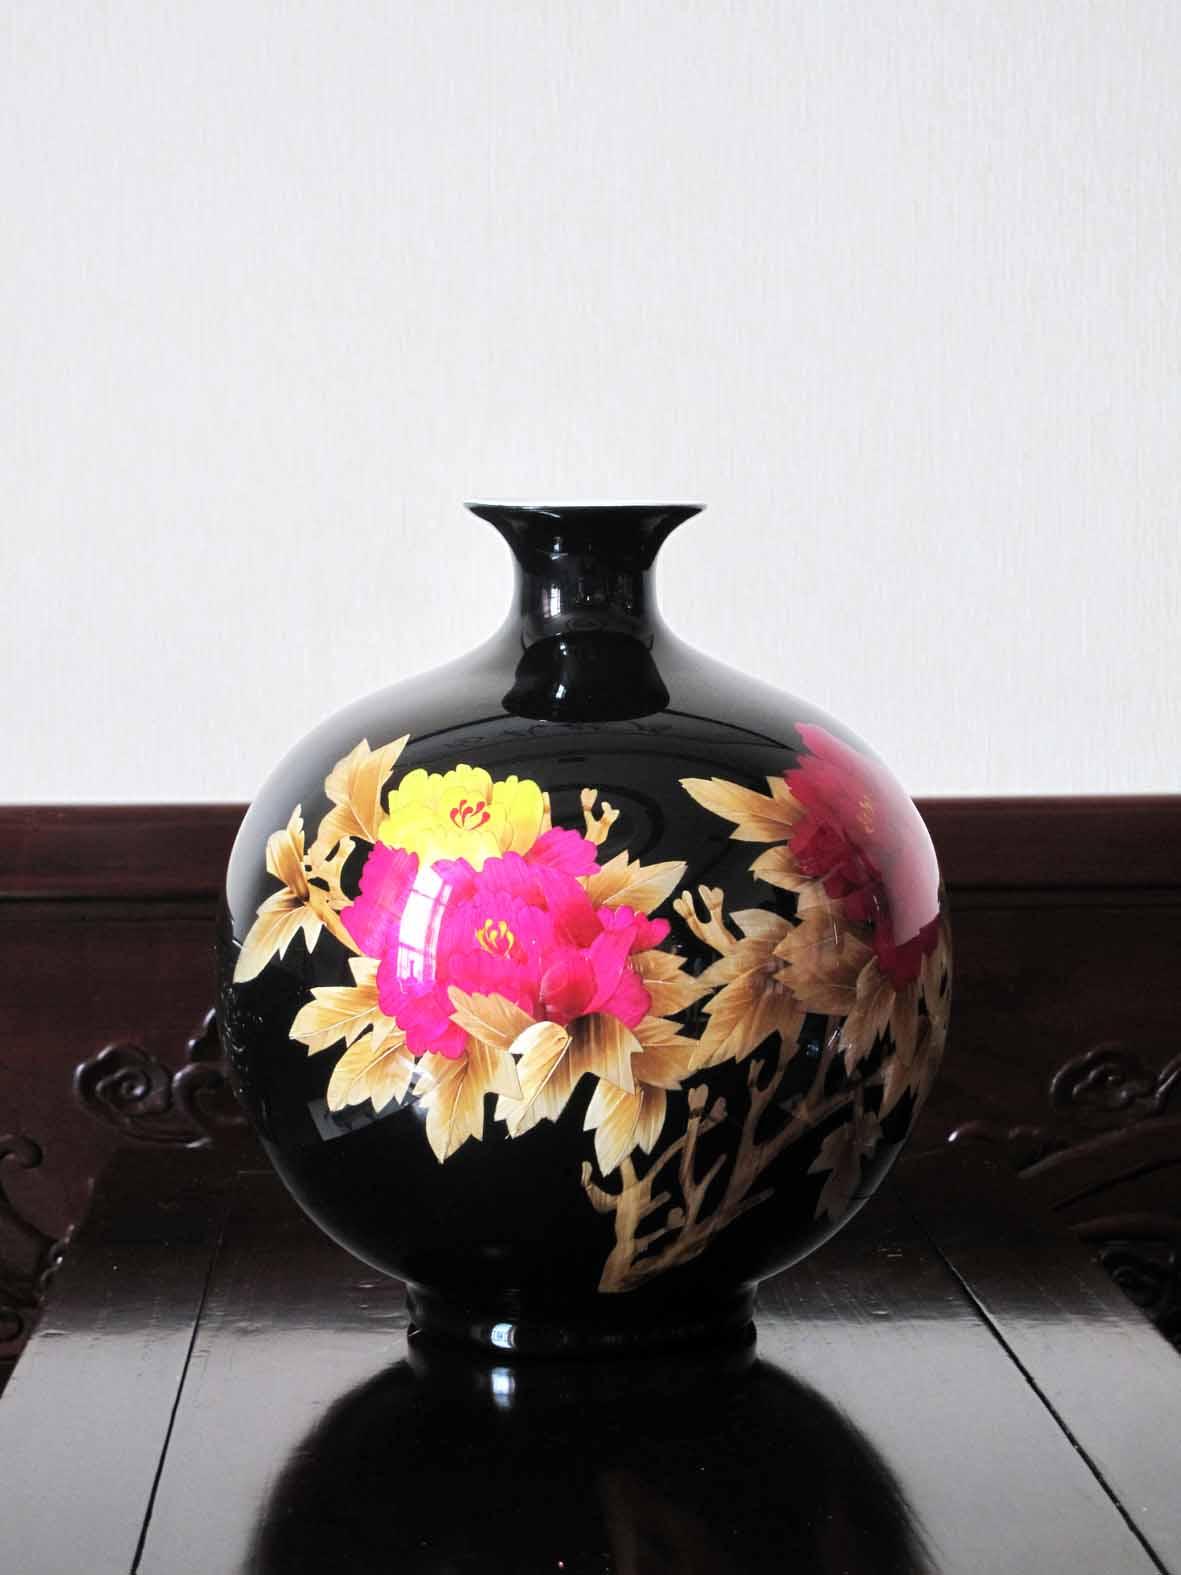 供应芦苇画精品瓷器-花开富贵【厂家直销、量大从优】批发